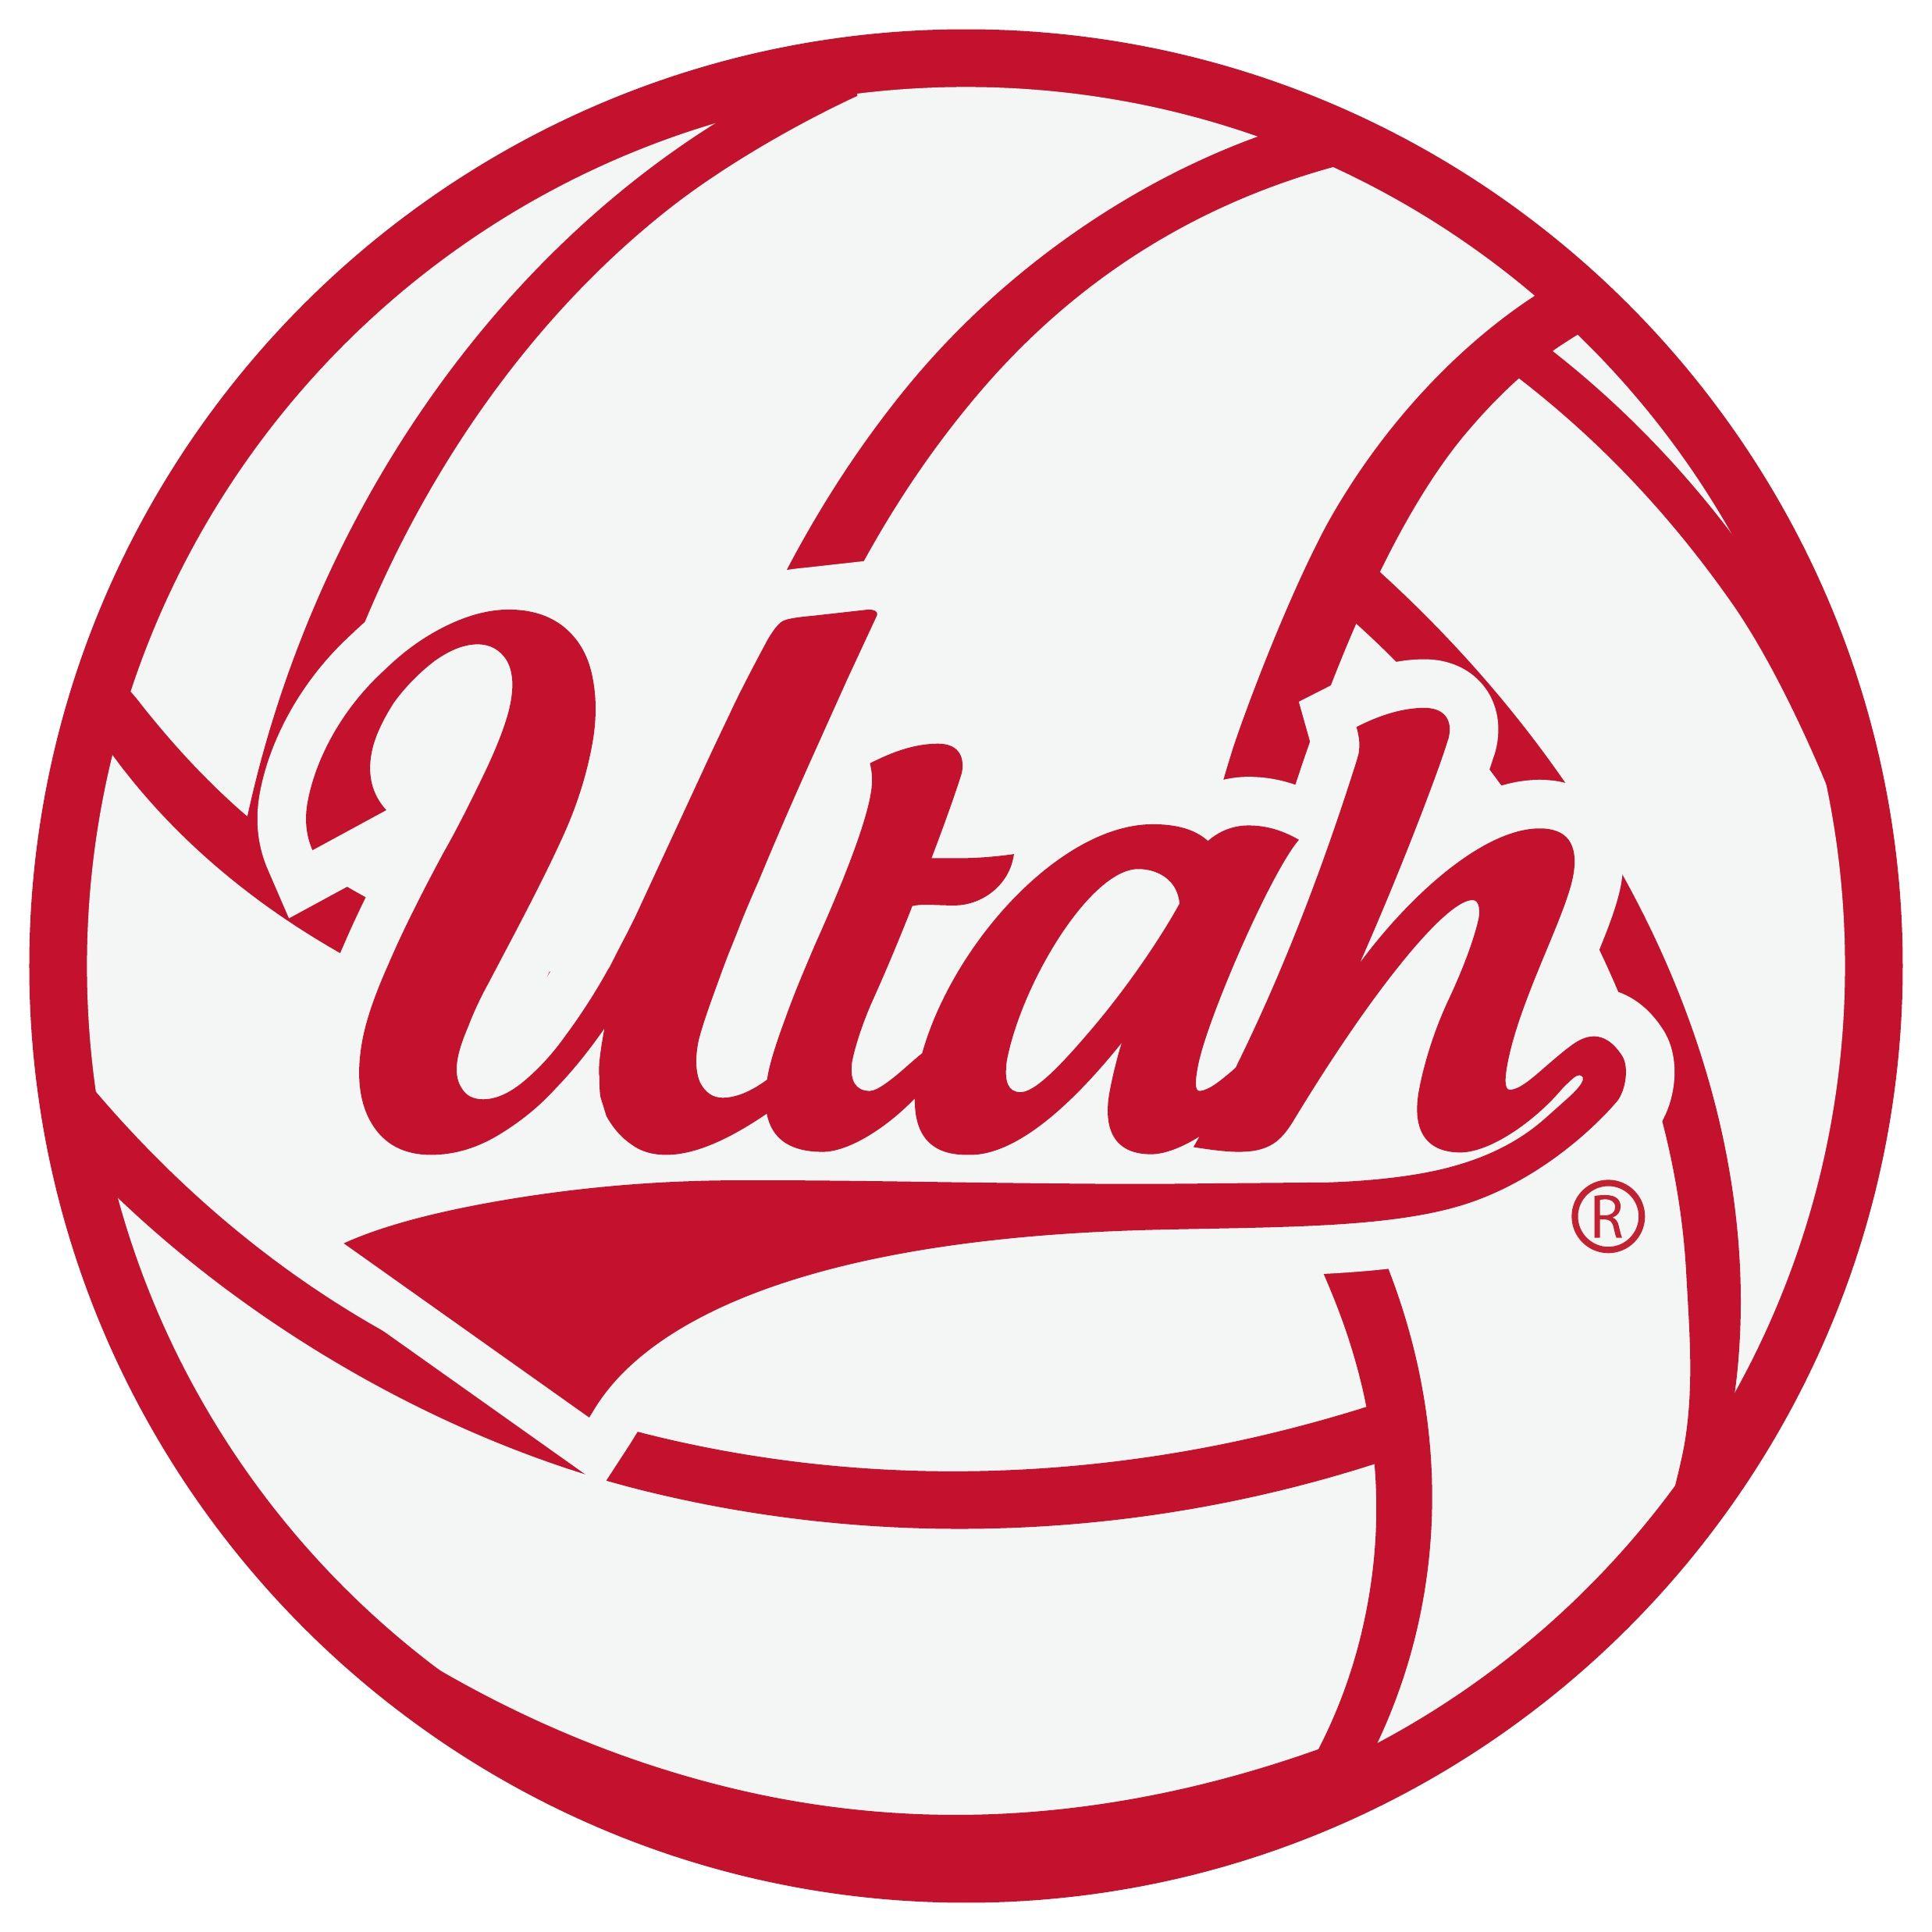 Volleyball Utah Script Outline Vinyl Decal 1 Utah Utah Utes Vinyl Decals